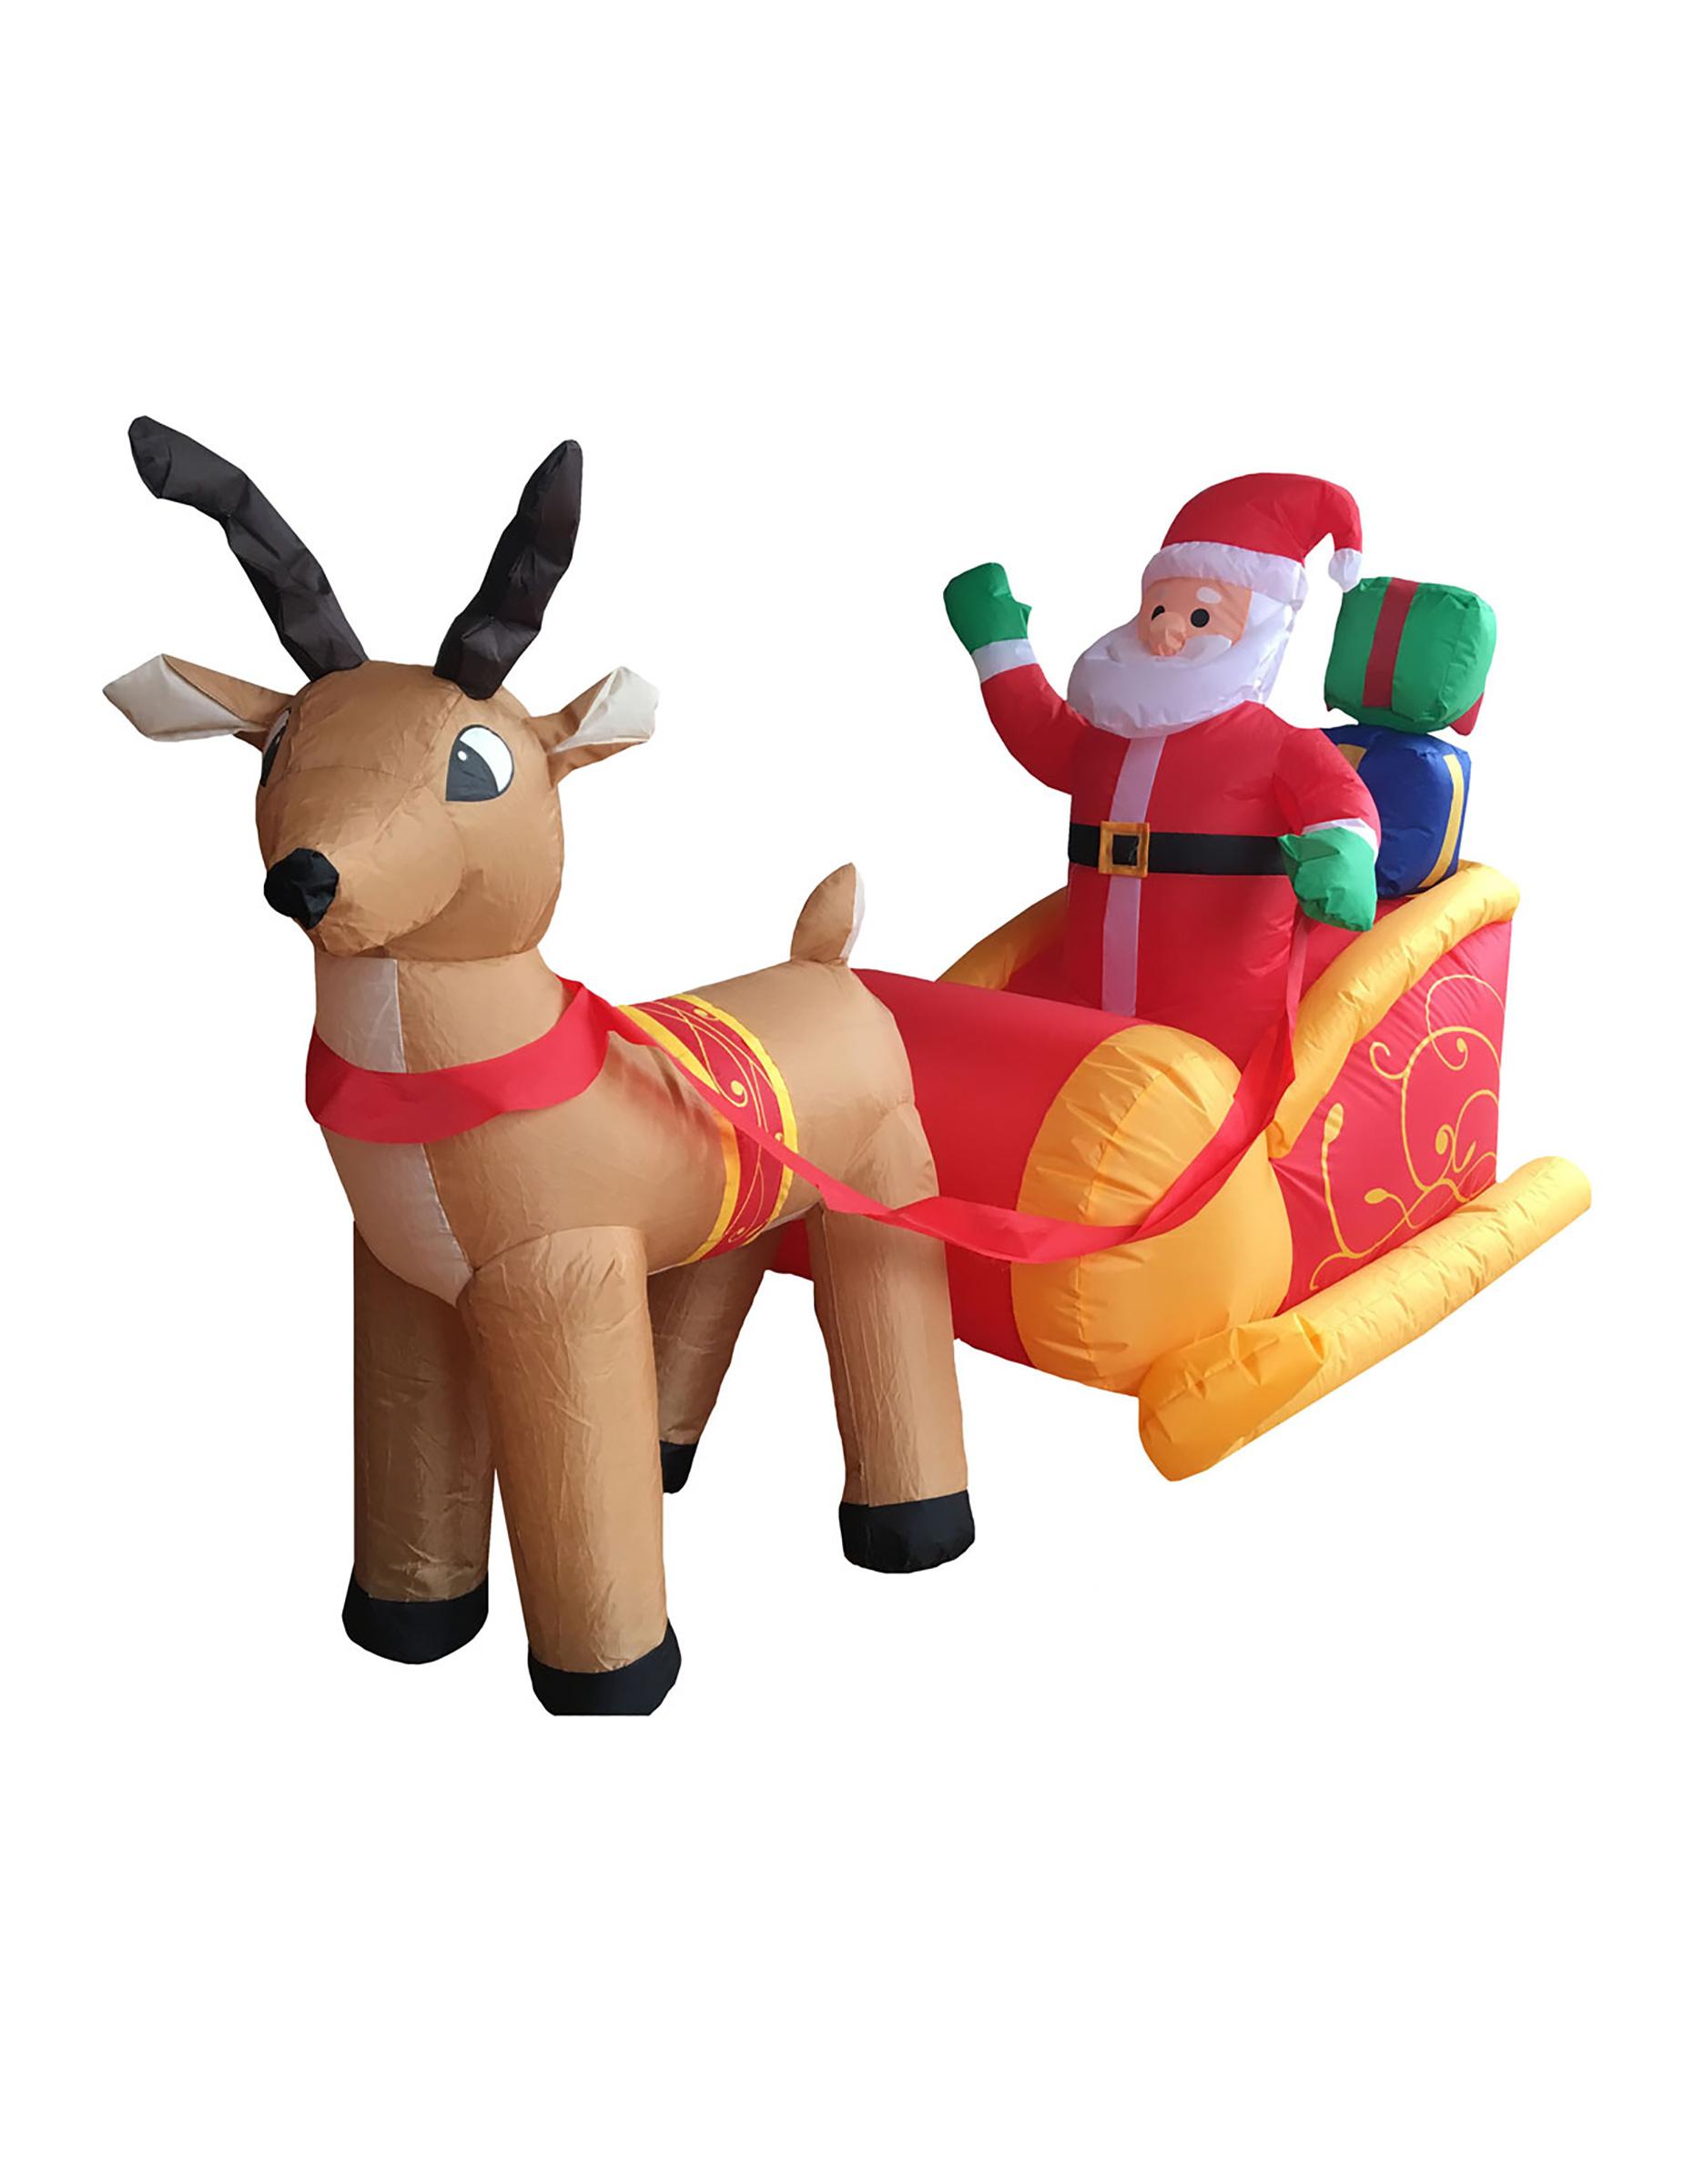 Décoration Père Noël Sur Son Traîneau Gonflable Et Lumineux 180 Cm Noël avec Image Du Pere Noel Et Son Traineau